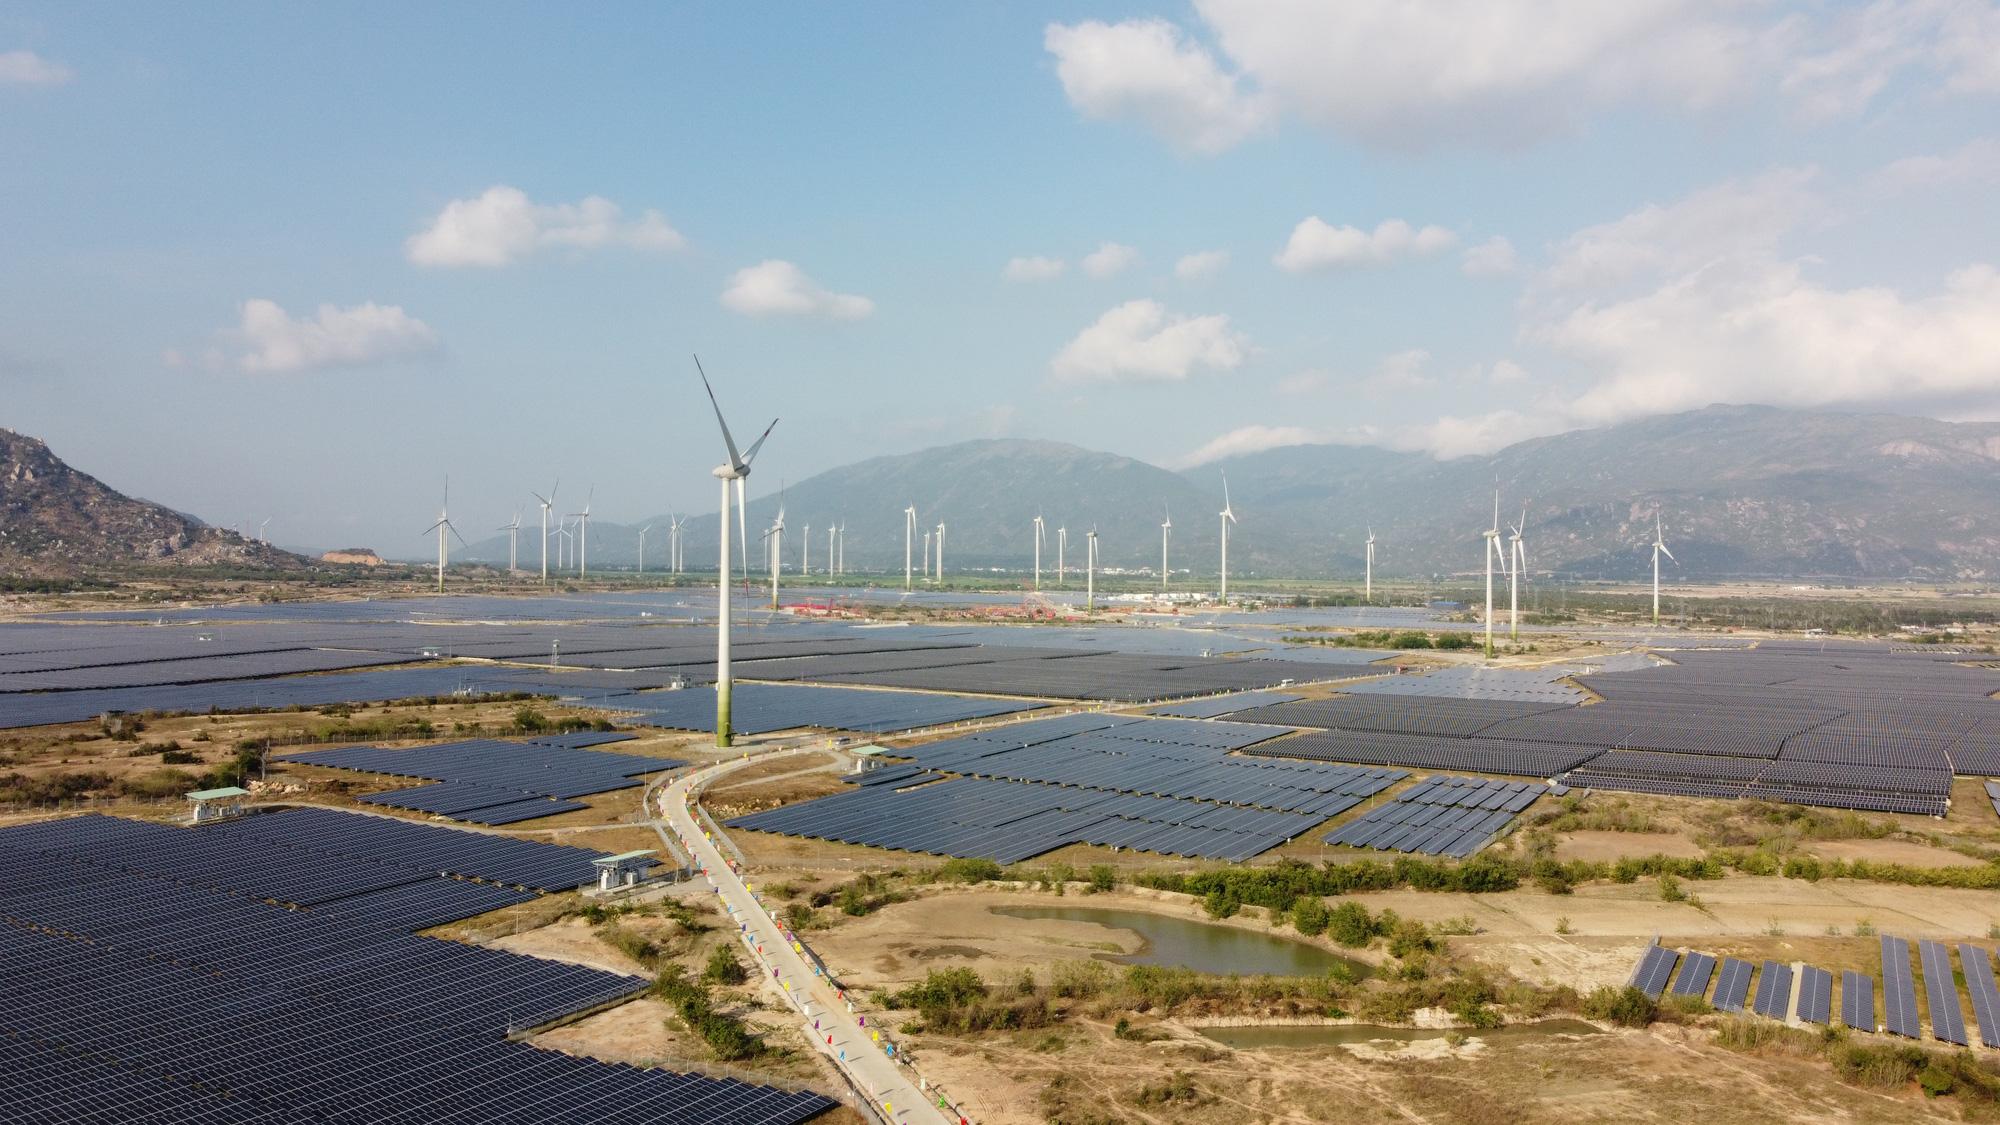 Ninh Thuận: Khánh thành nhà máy điện gió lớn nhất Việt Nam - Ảnh 1.